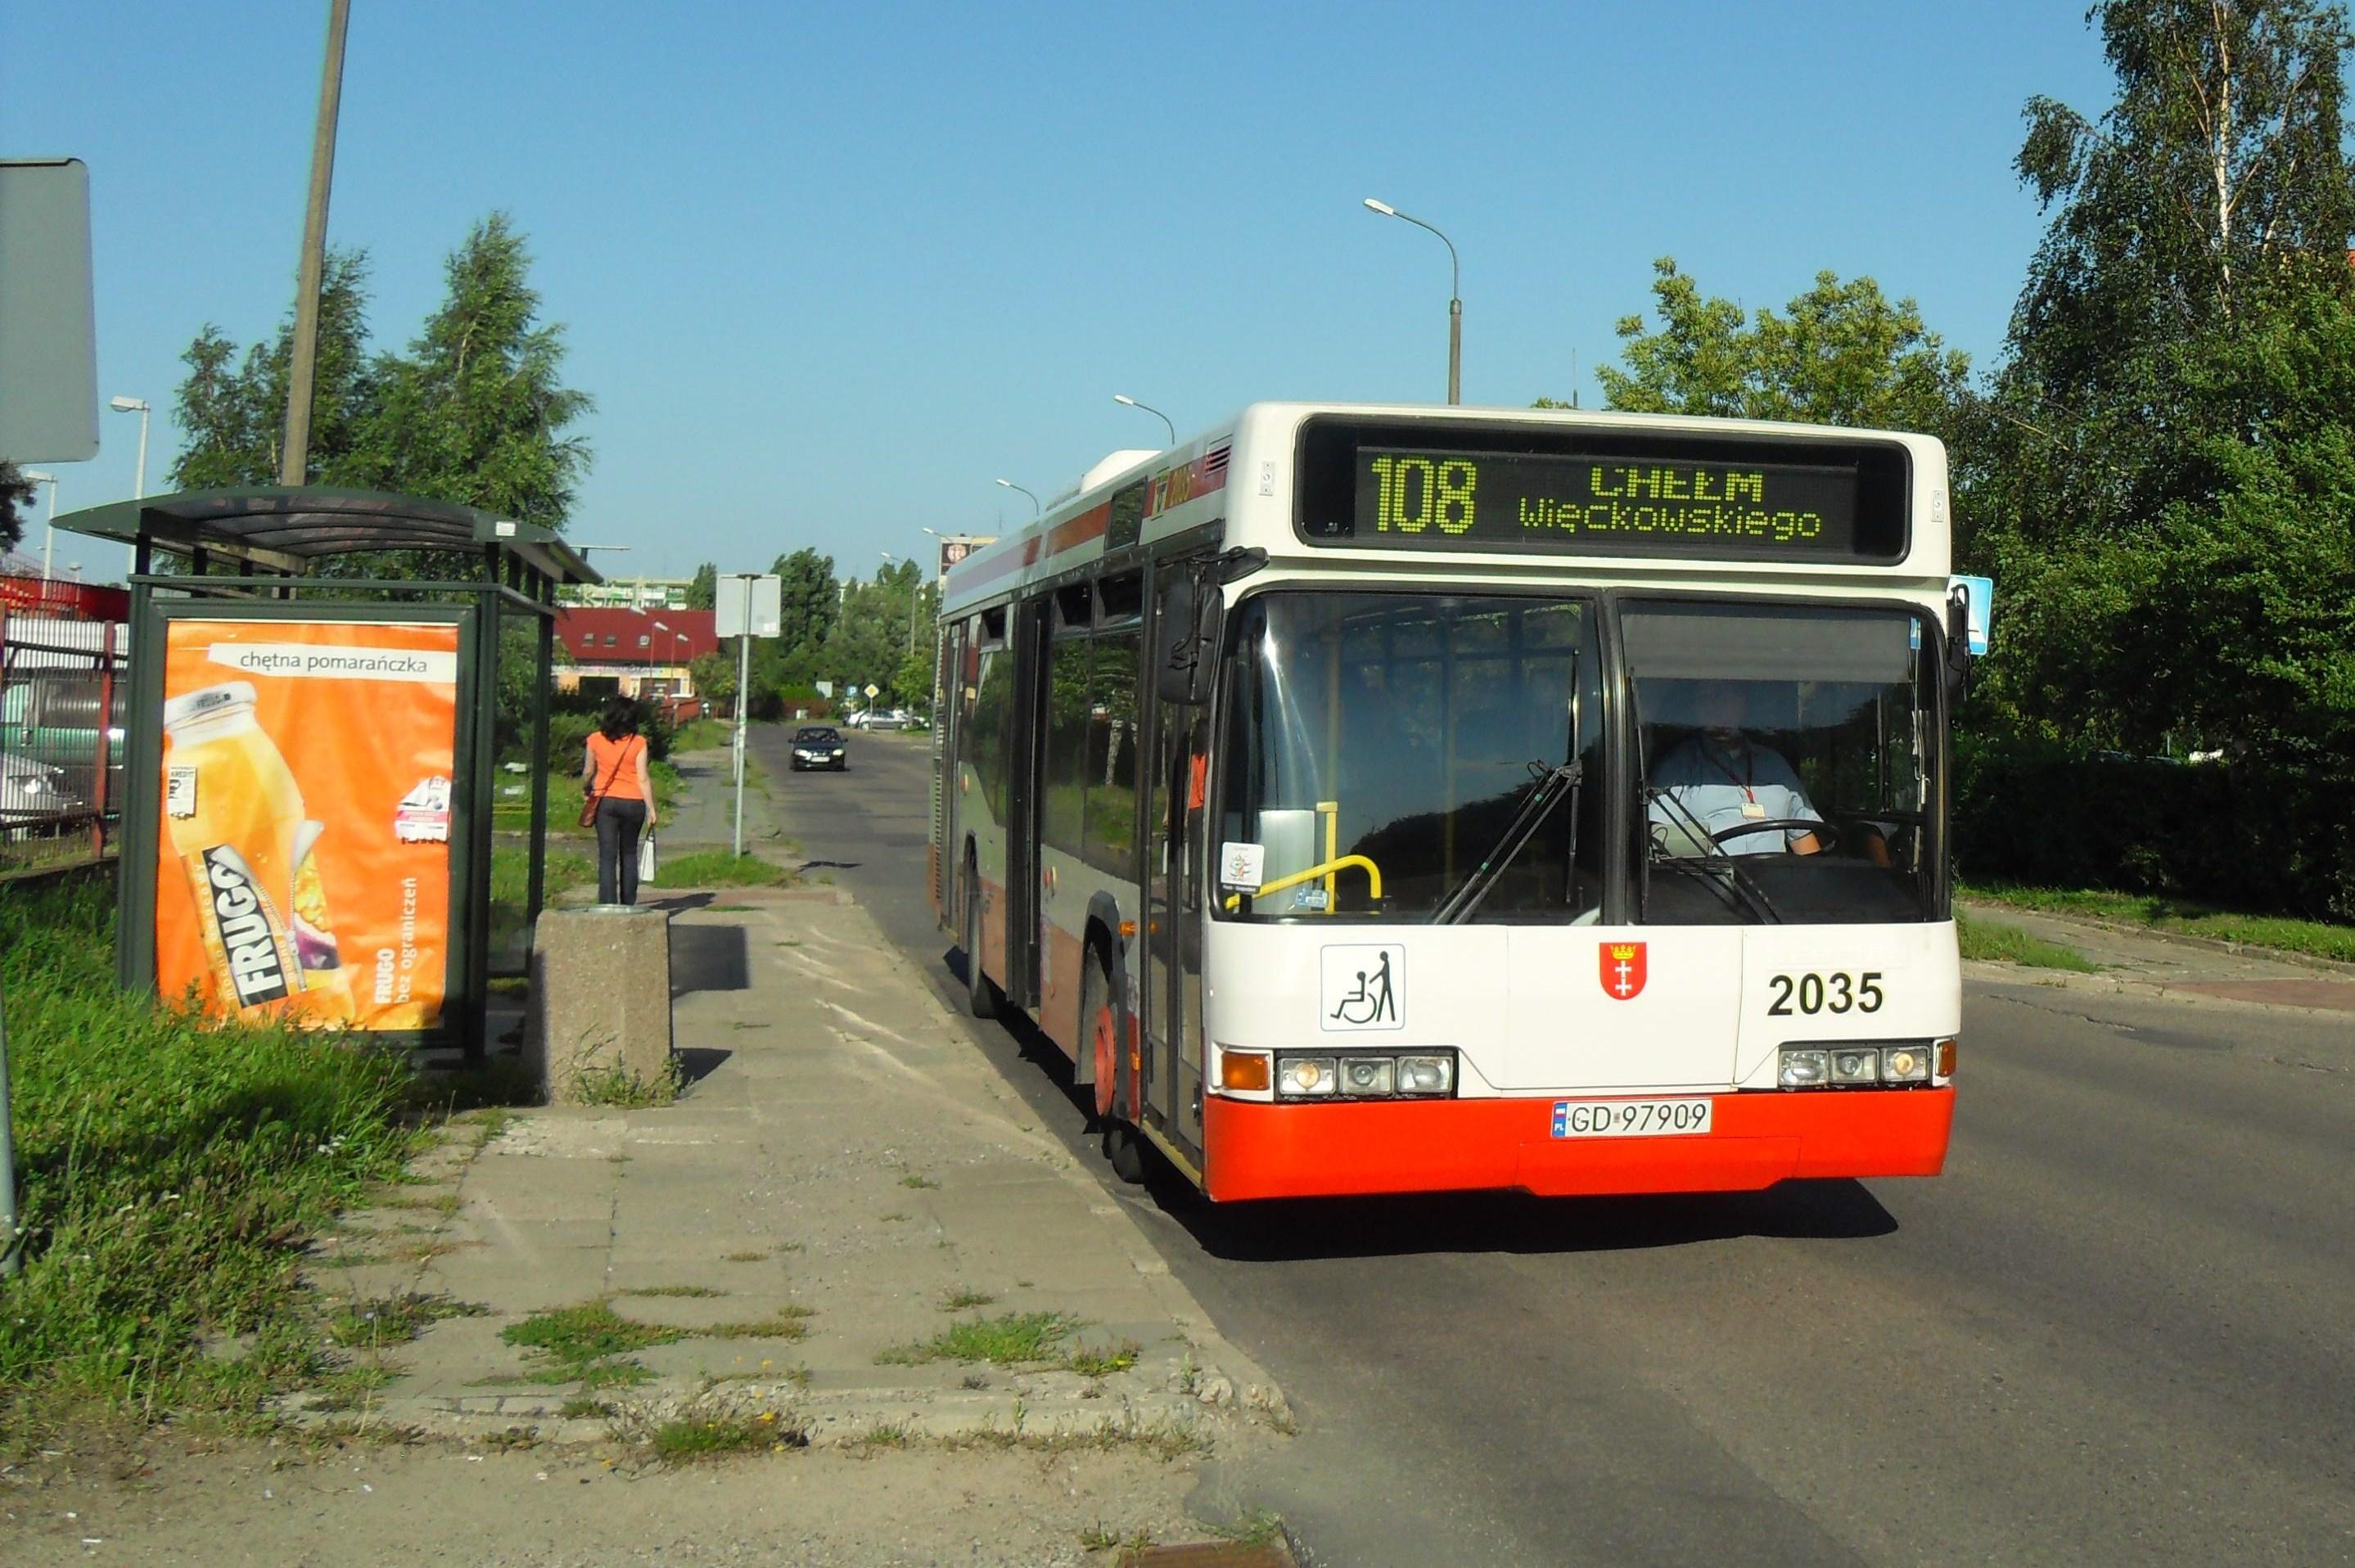 Ogromnie File:Gdańsk ulica Dragana i autobus 108.JPG - Wikimedia Commons GY15